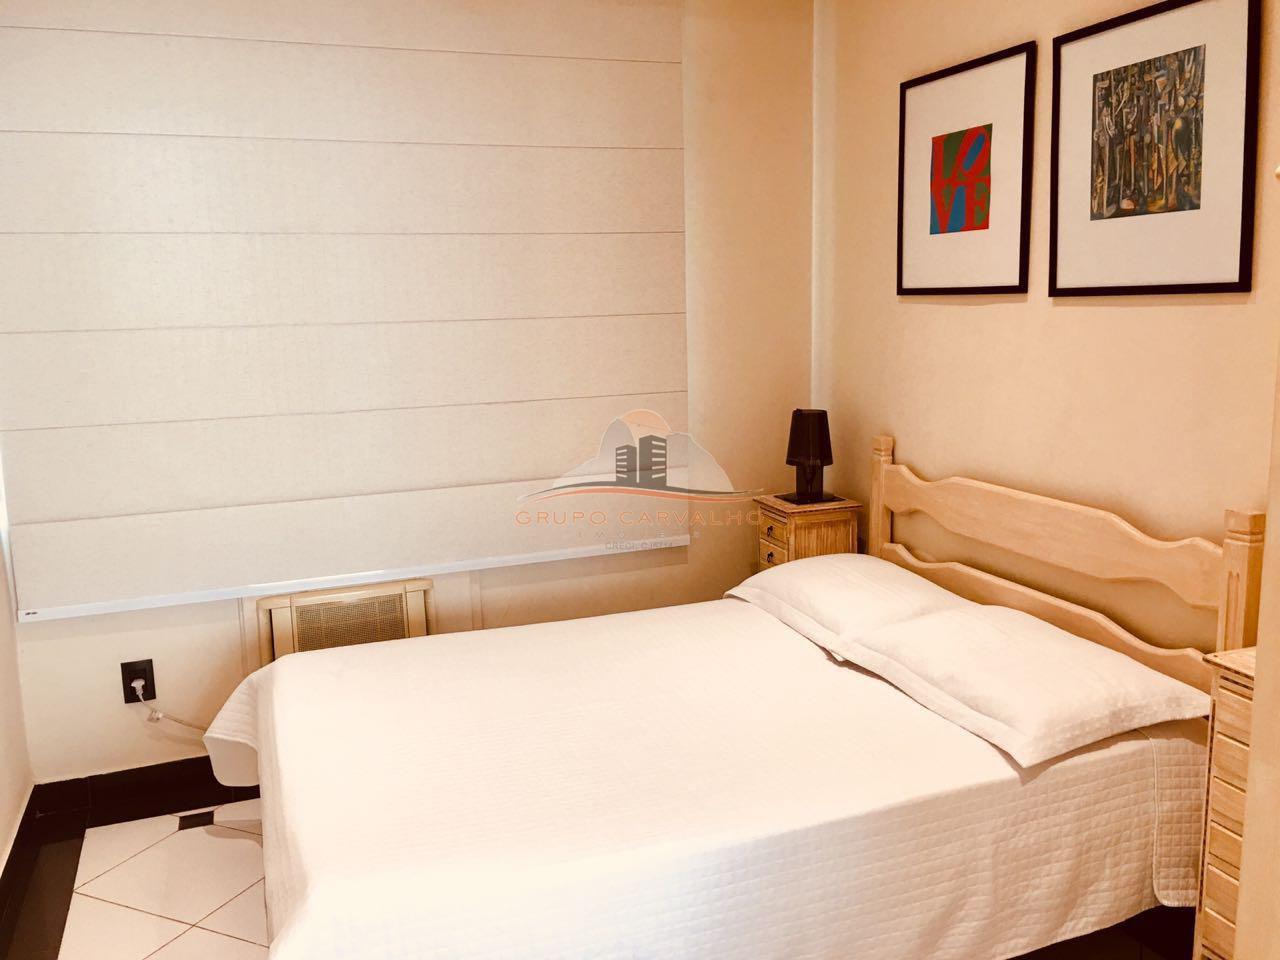 Apartamento à venda Rua Visconde de Pirajá,Rio de Janeiro,RJ - R$ 1.680.000 - CJI3874 - 13